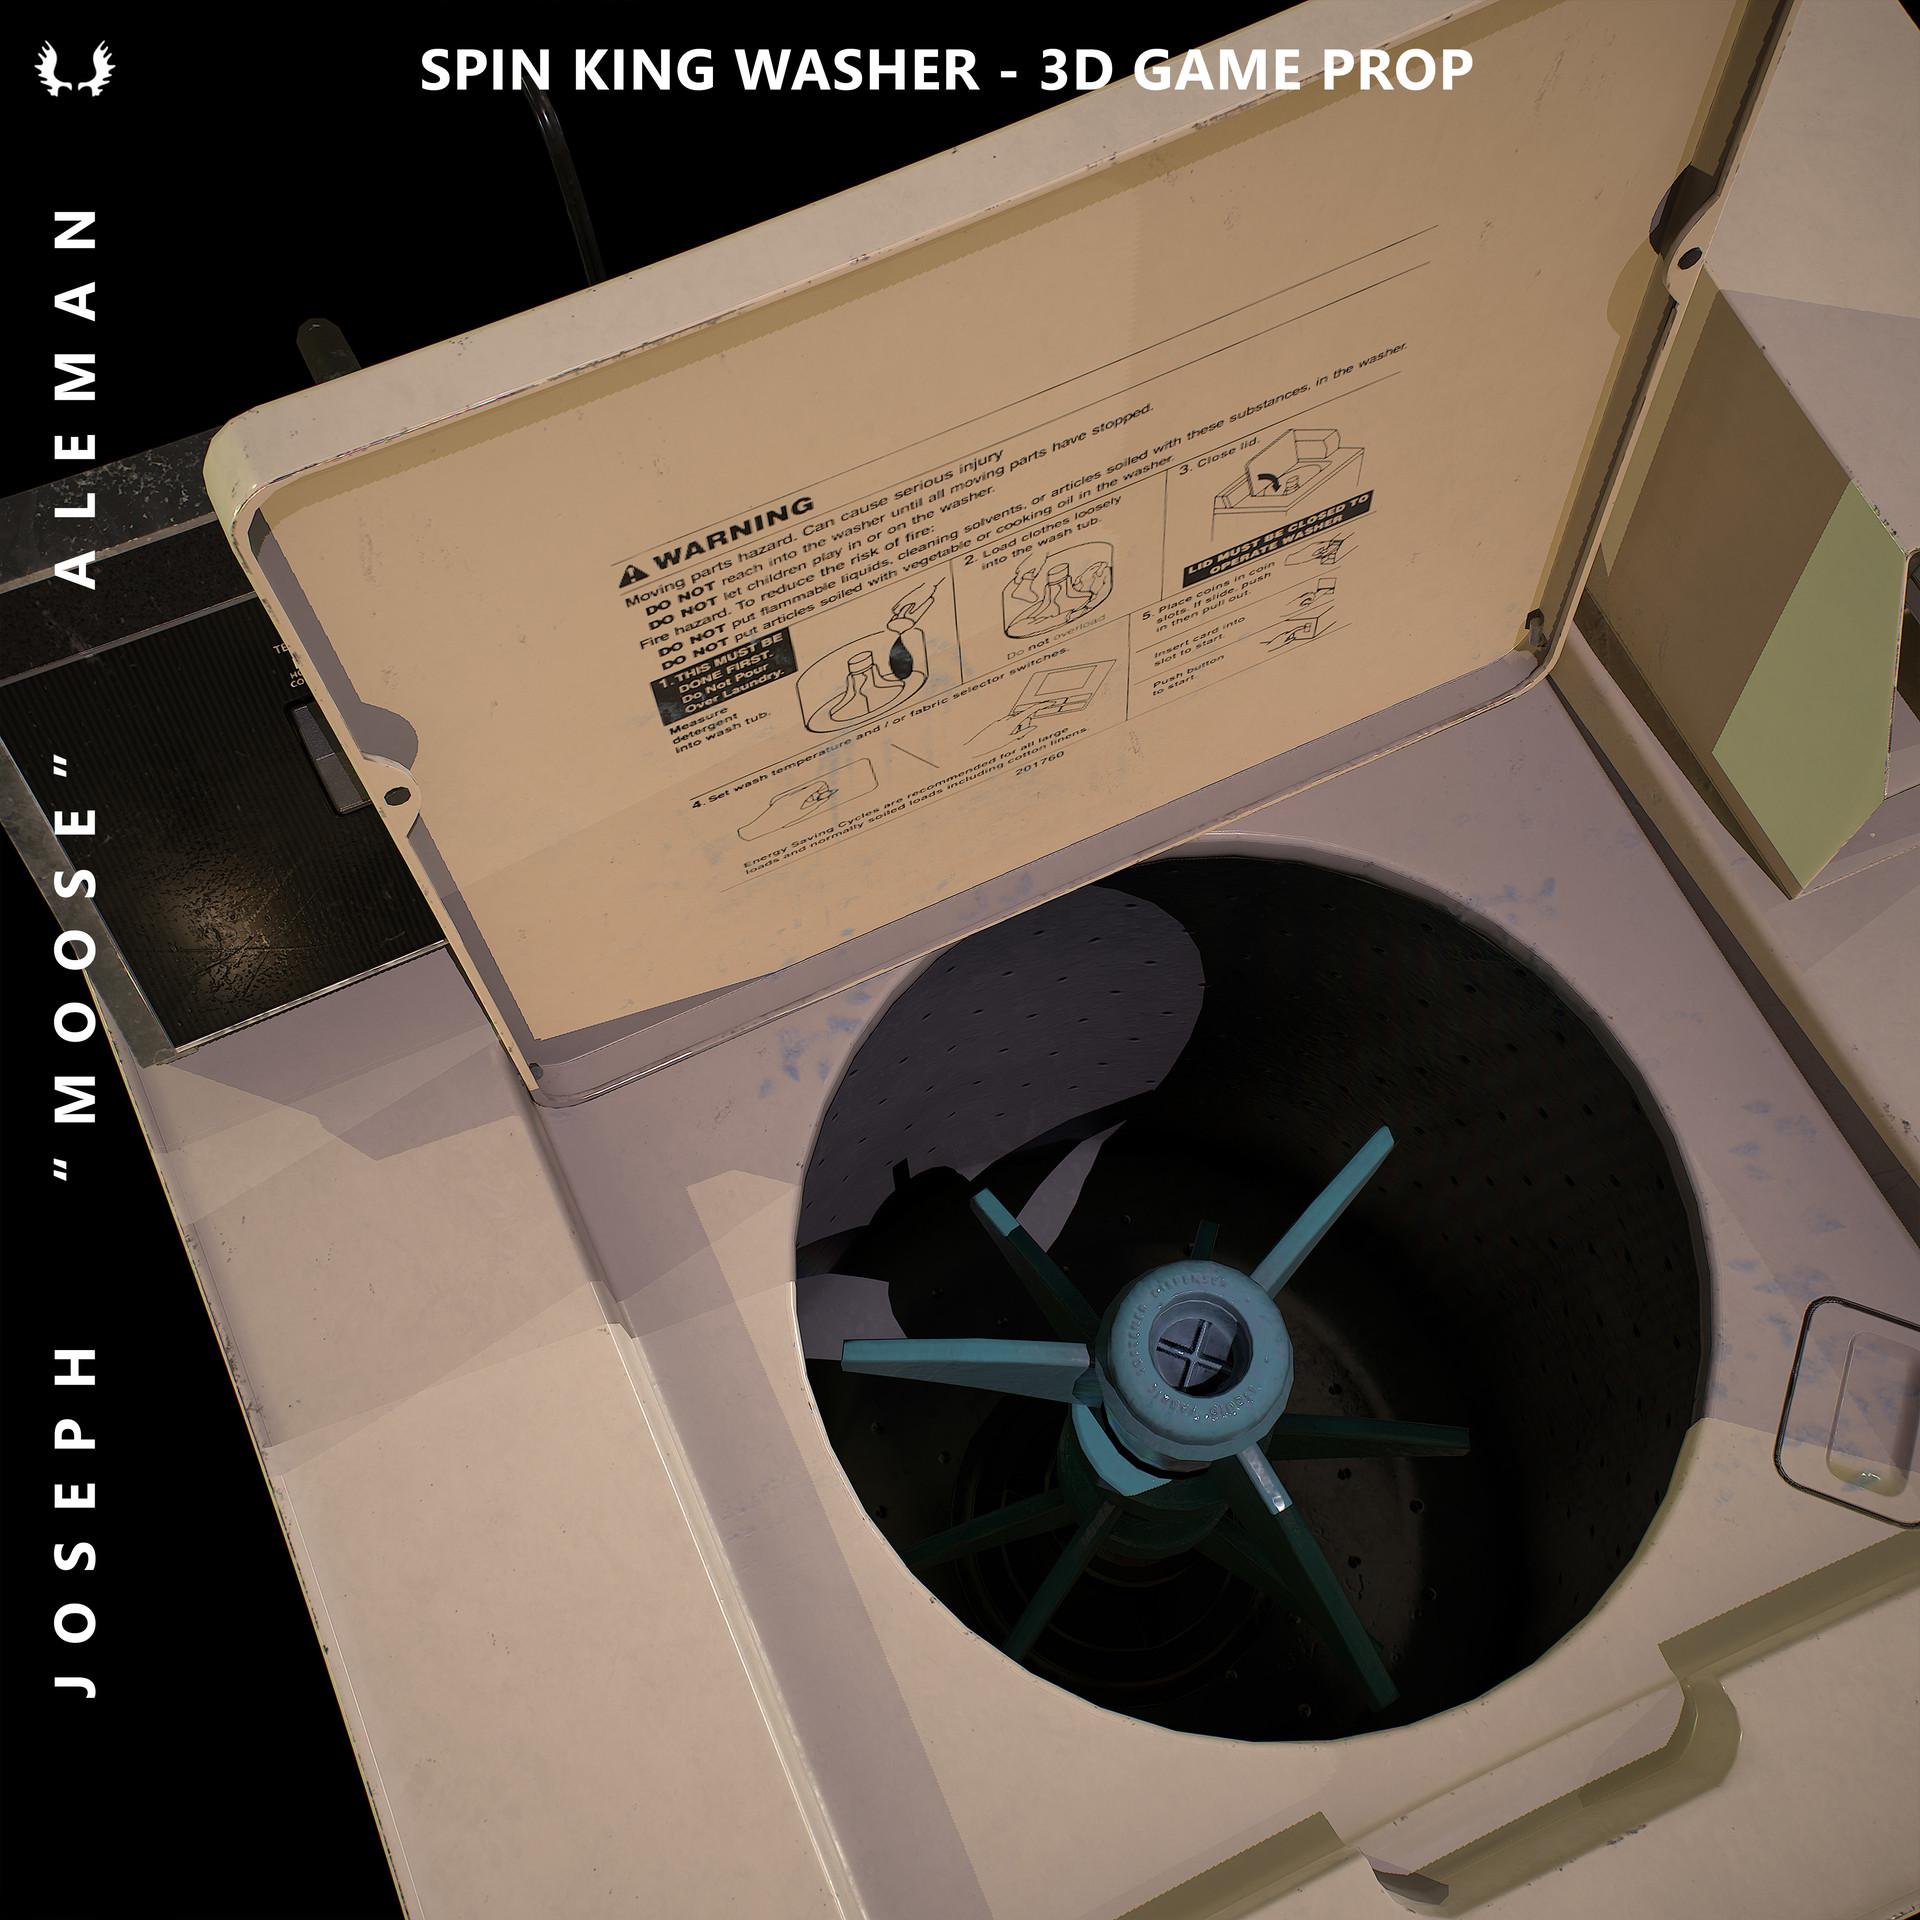 ArtStation - Spin King Washing Machine - 3d Game Prop